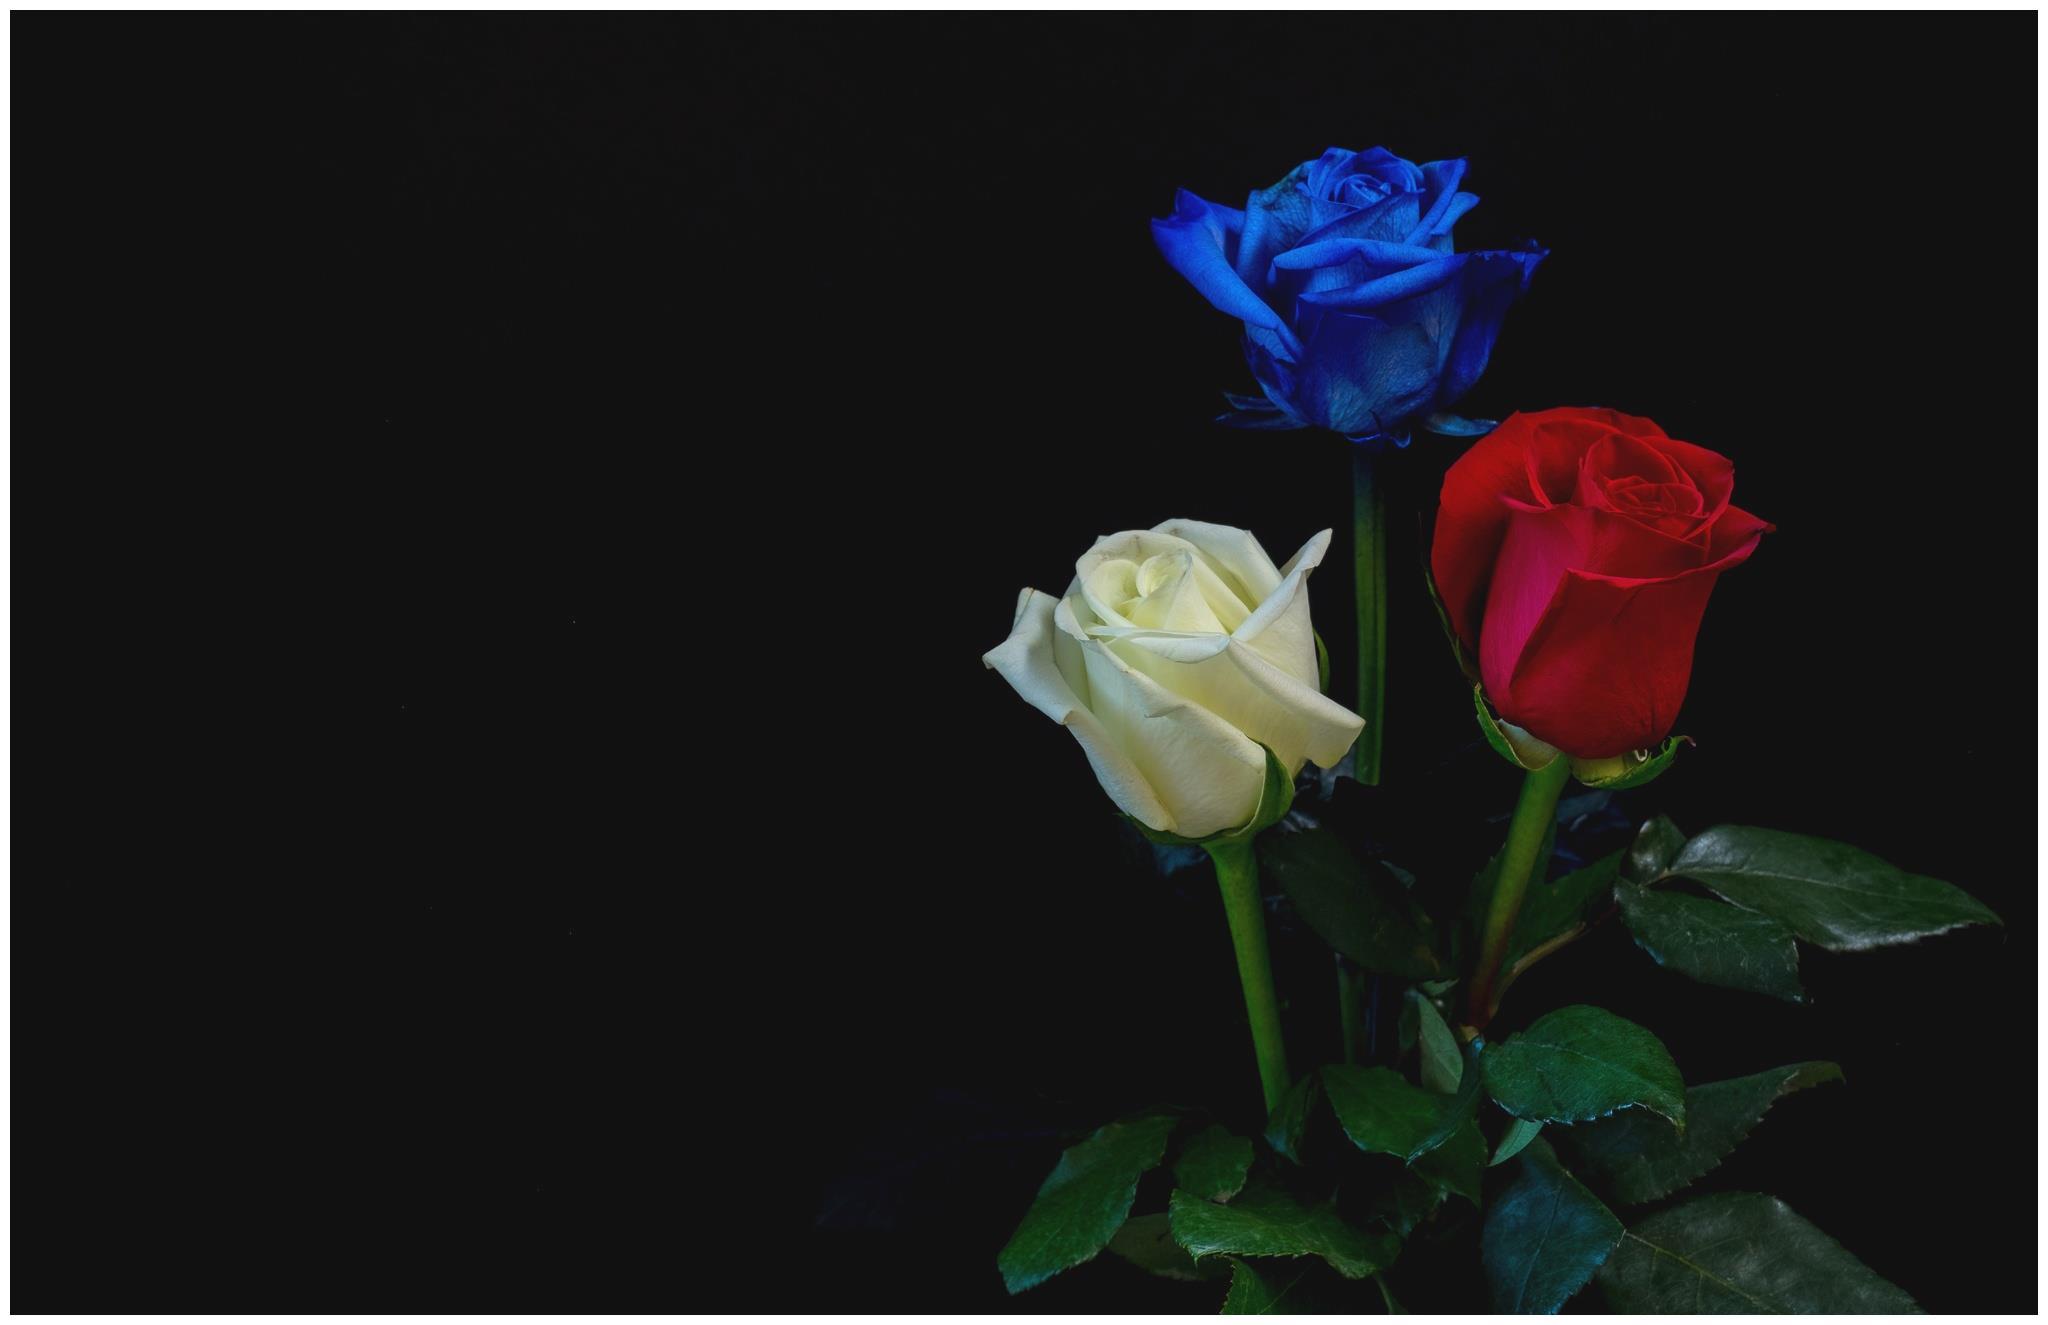 6月份期间,灯火阑珊,寻寻觅觅,旧爱轮回的四大星座,相爱白头